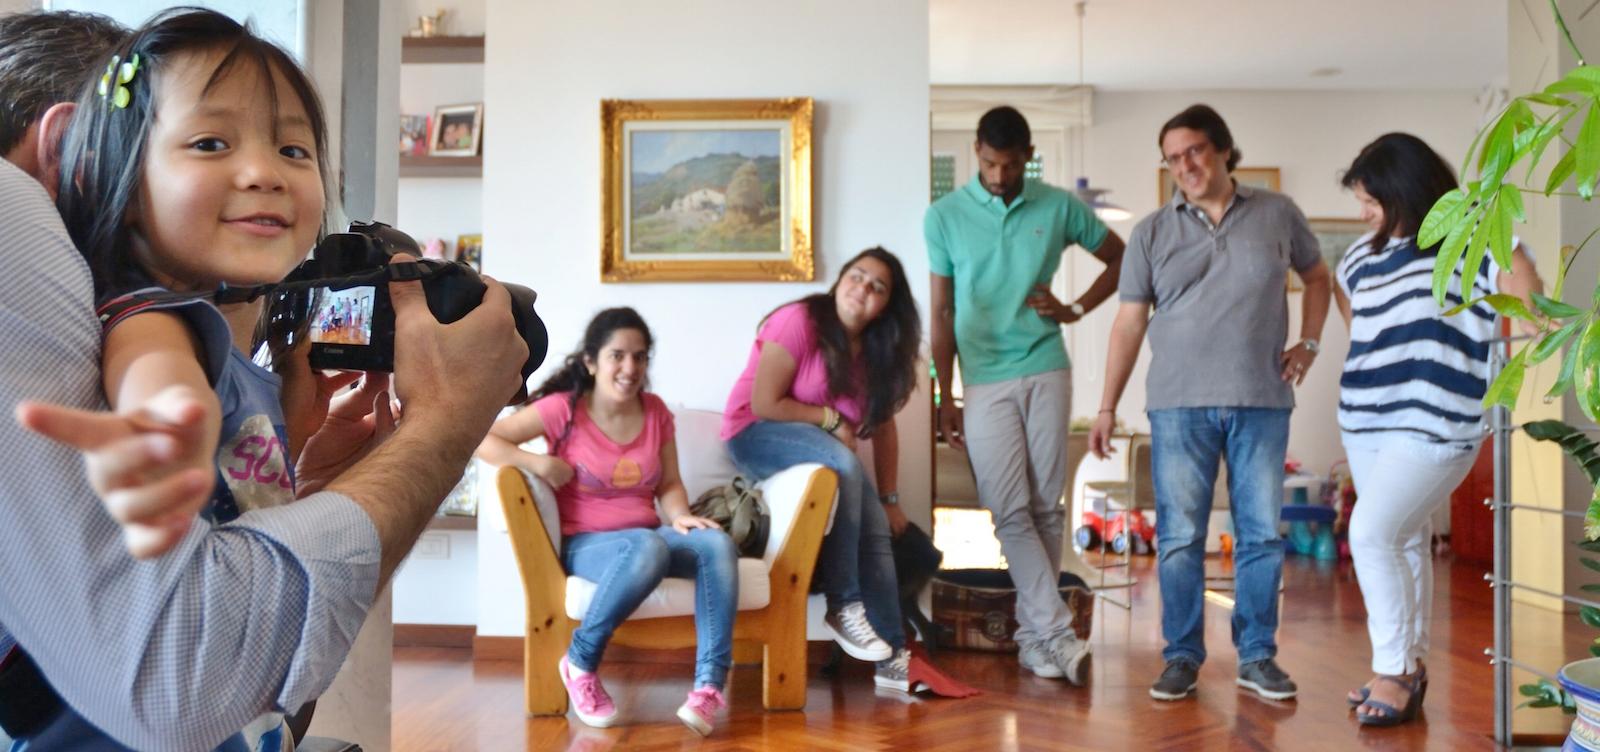 L'educazione nelle famiglie allargate: ruoli e compiti